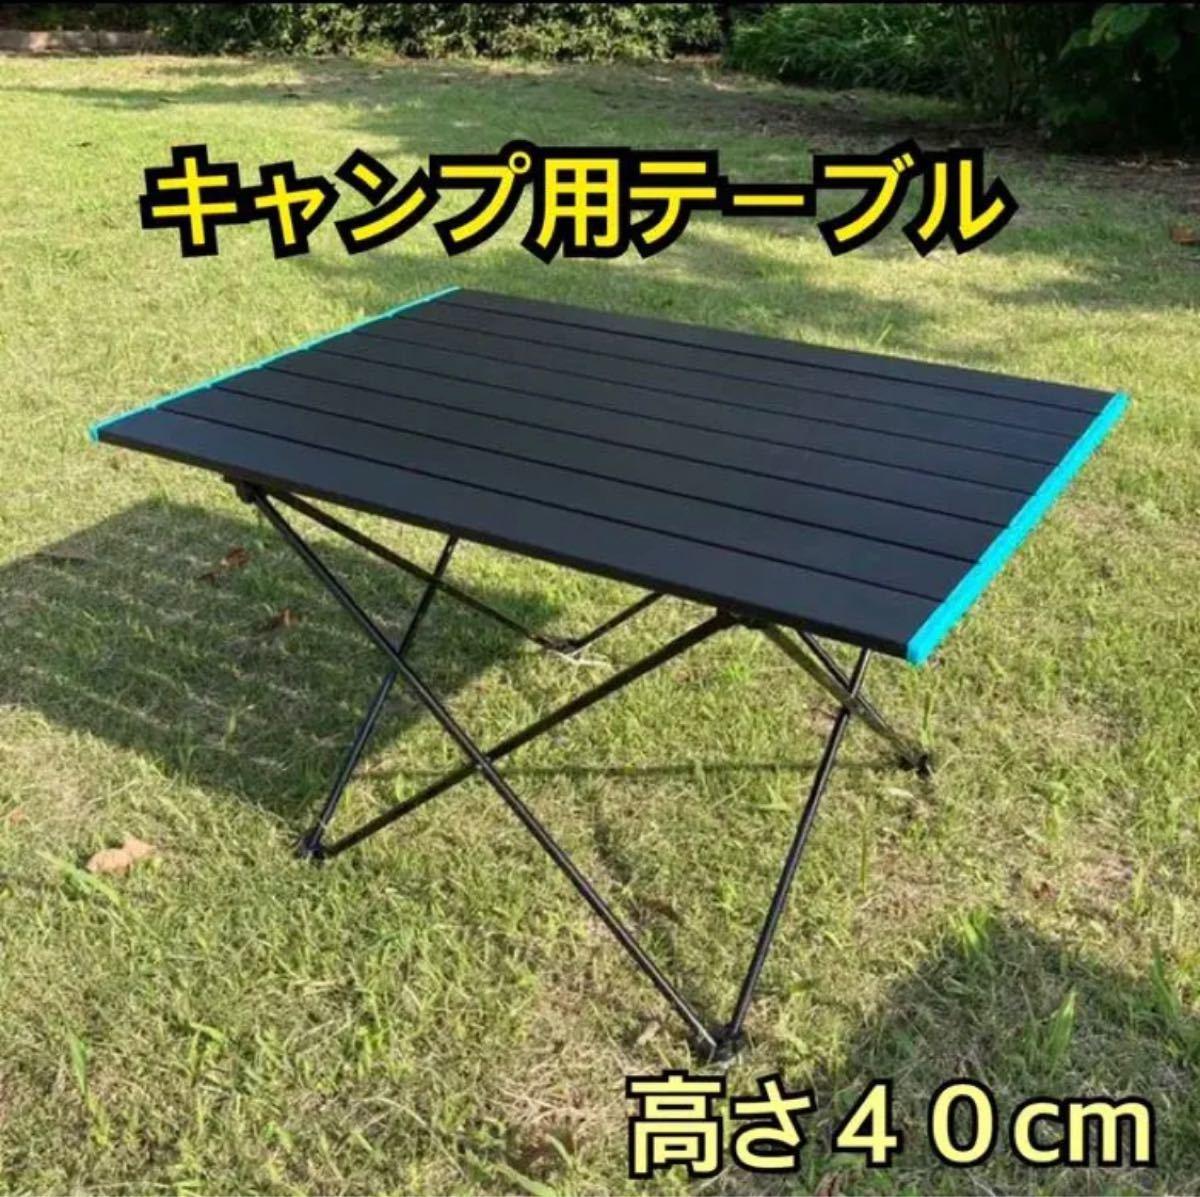 アルミロールテーブルL アルミ ロールタイプ GEJ-ARTL 高さ40cm